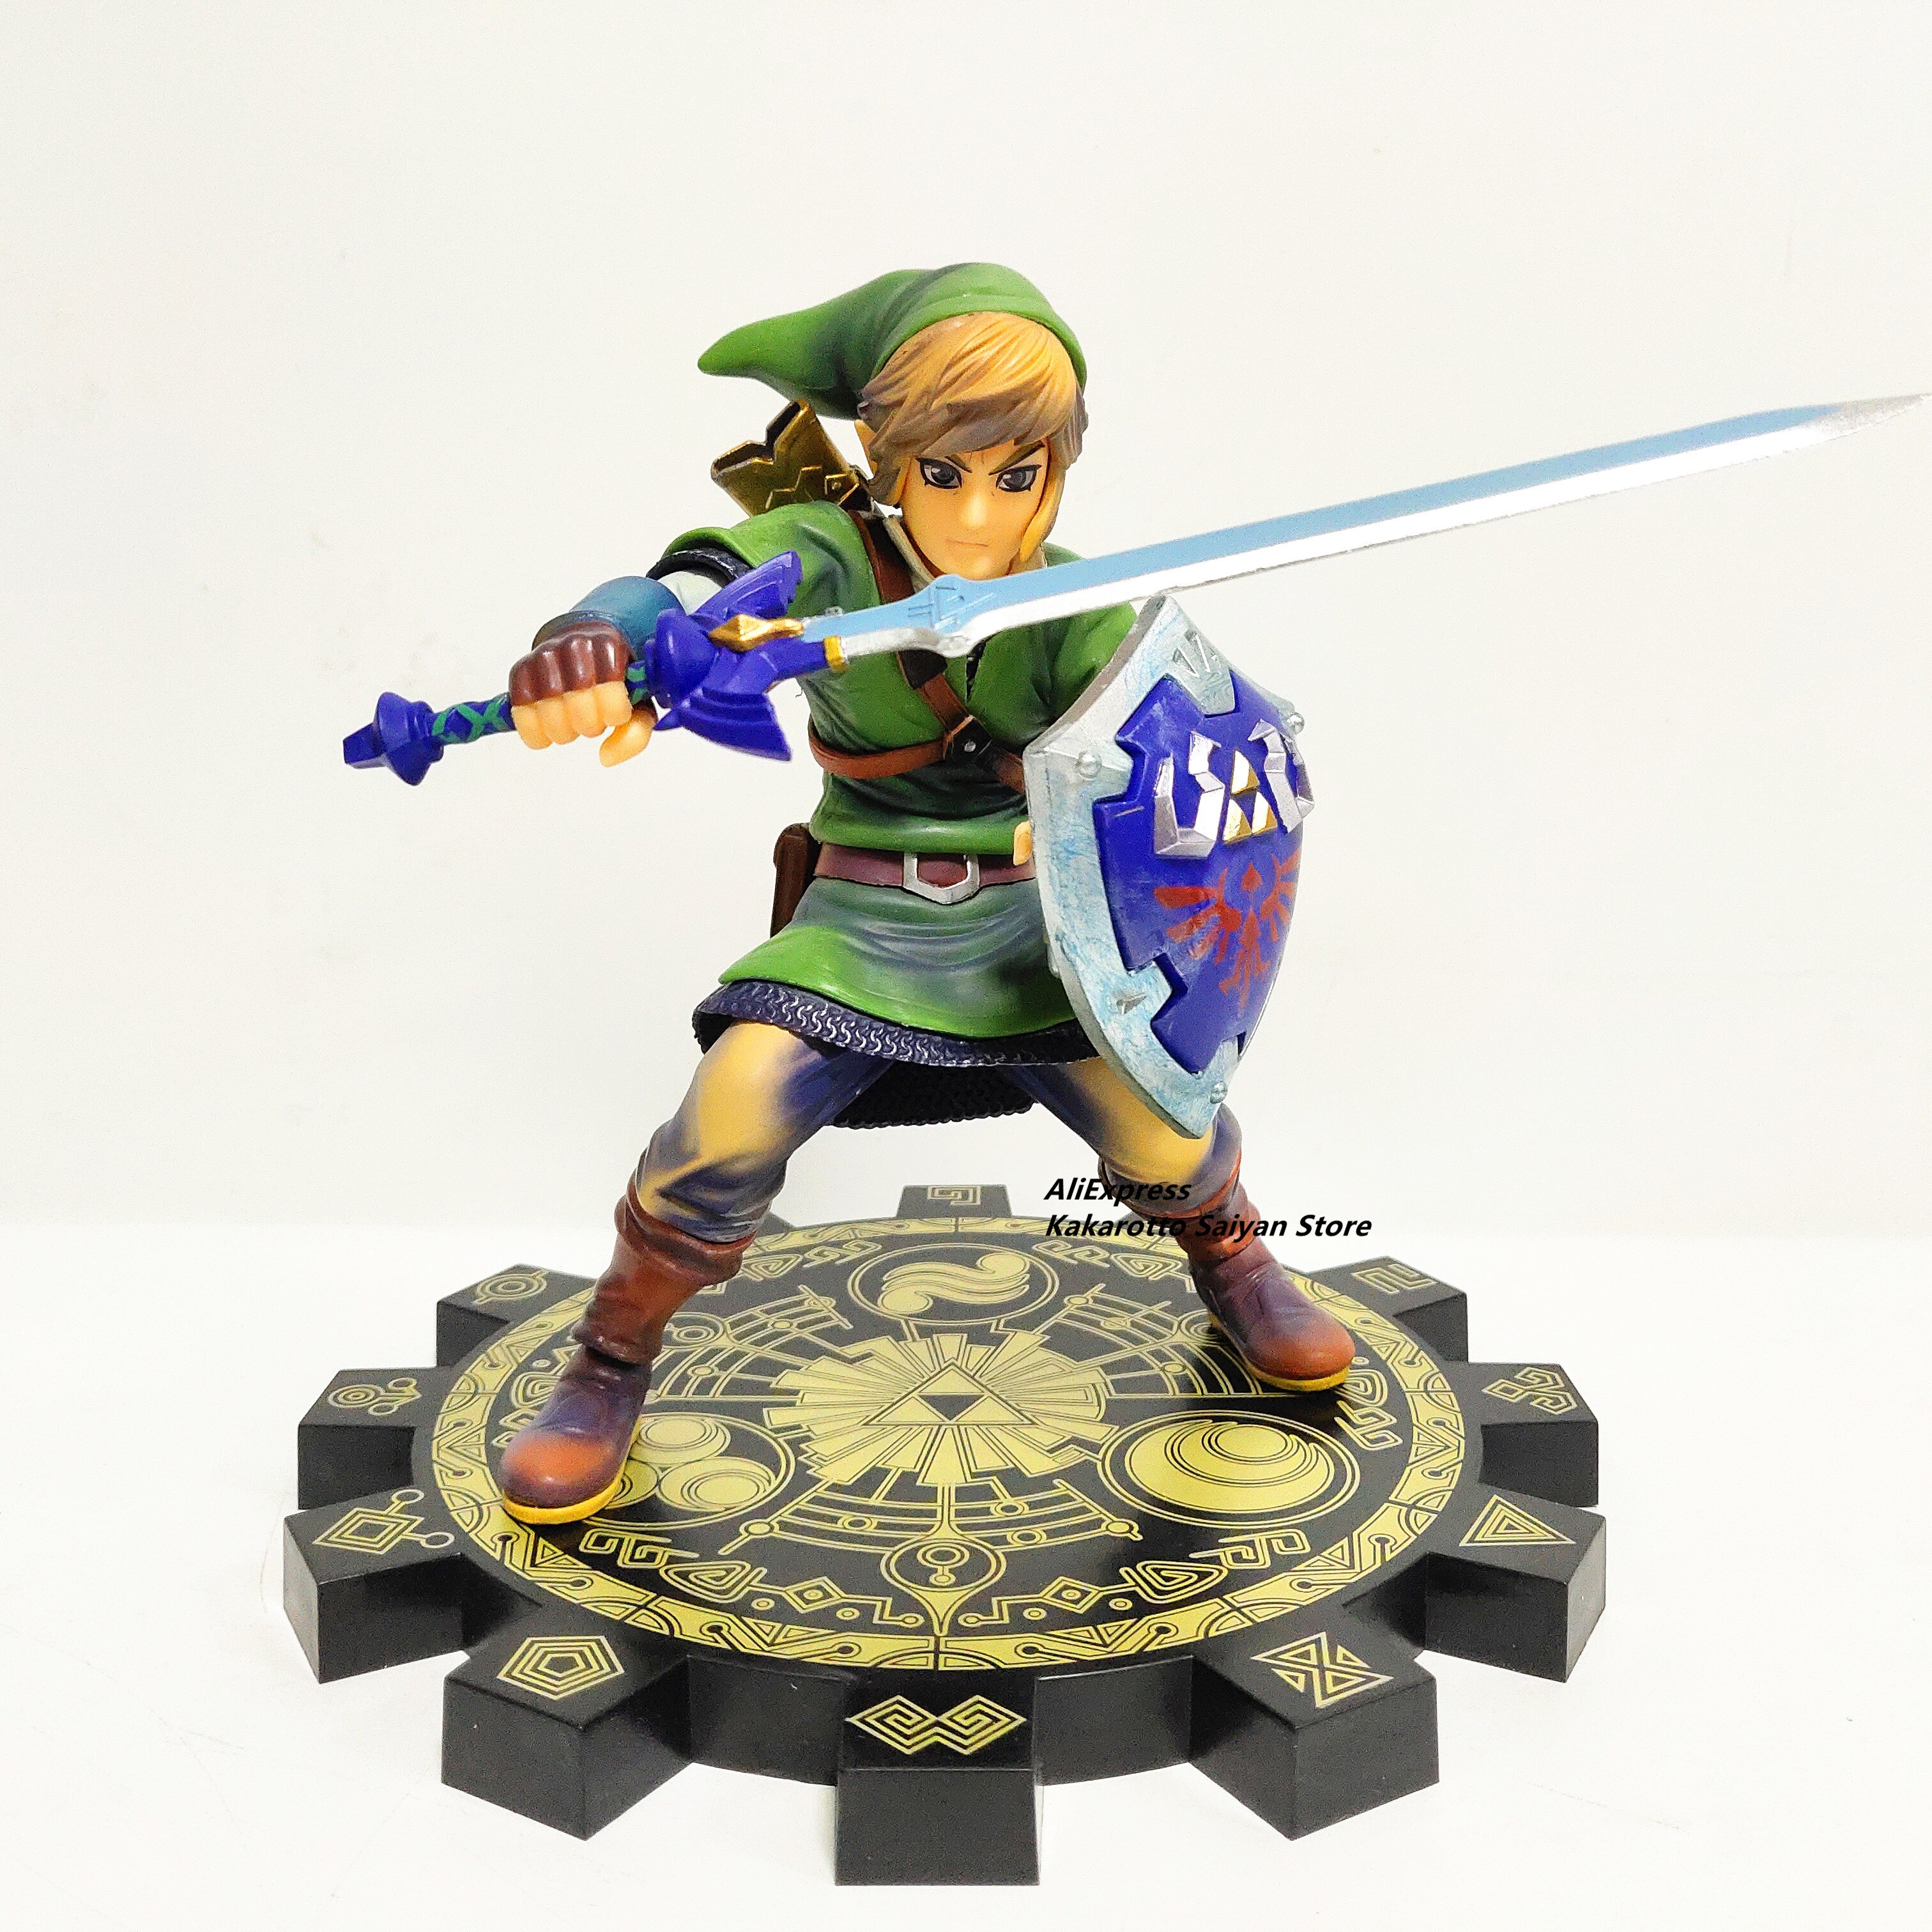 Figura de acción de PVC Zelda Skyward Sword 1/7, juguete de juego de Anime Zelda Link, figura de juguete de modelos coleccionables